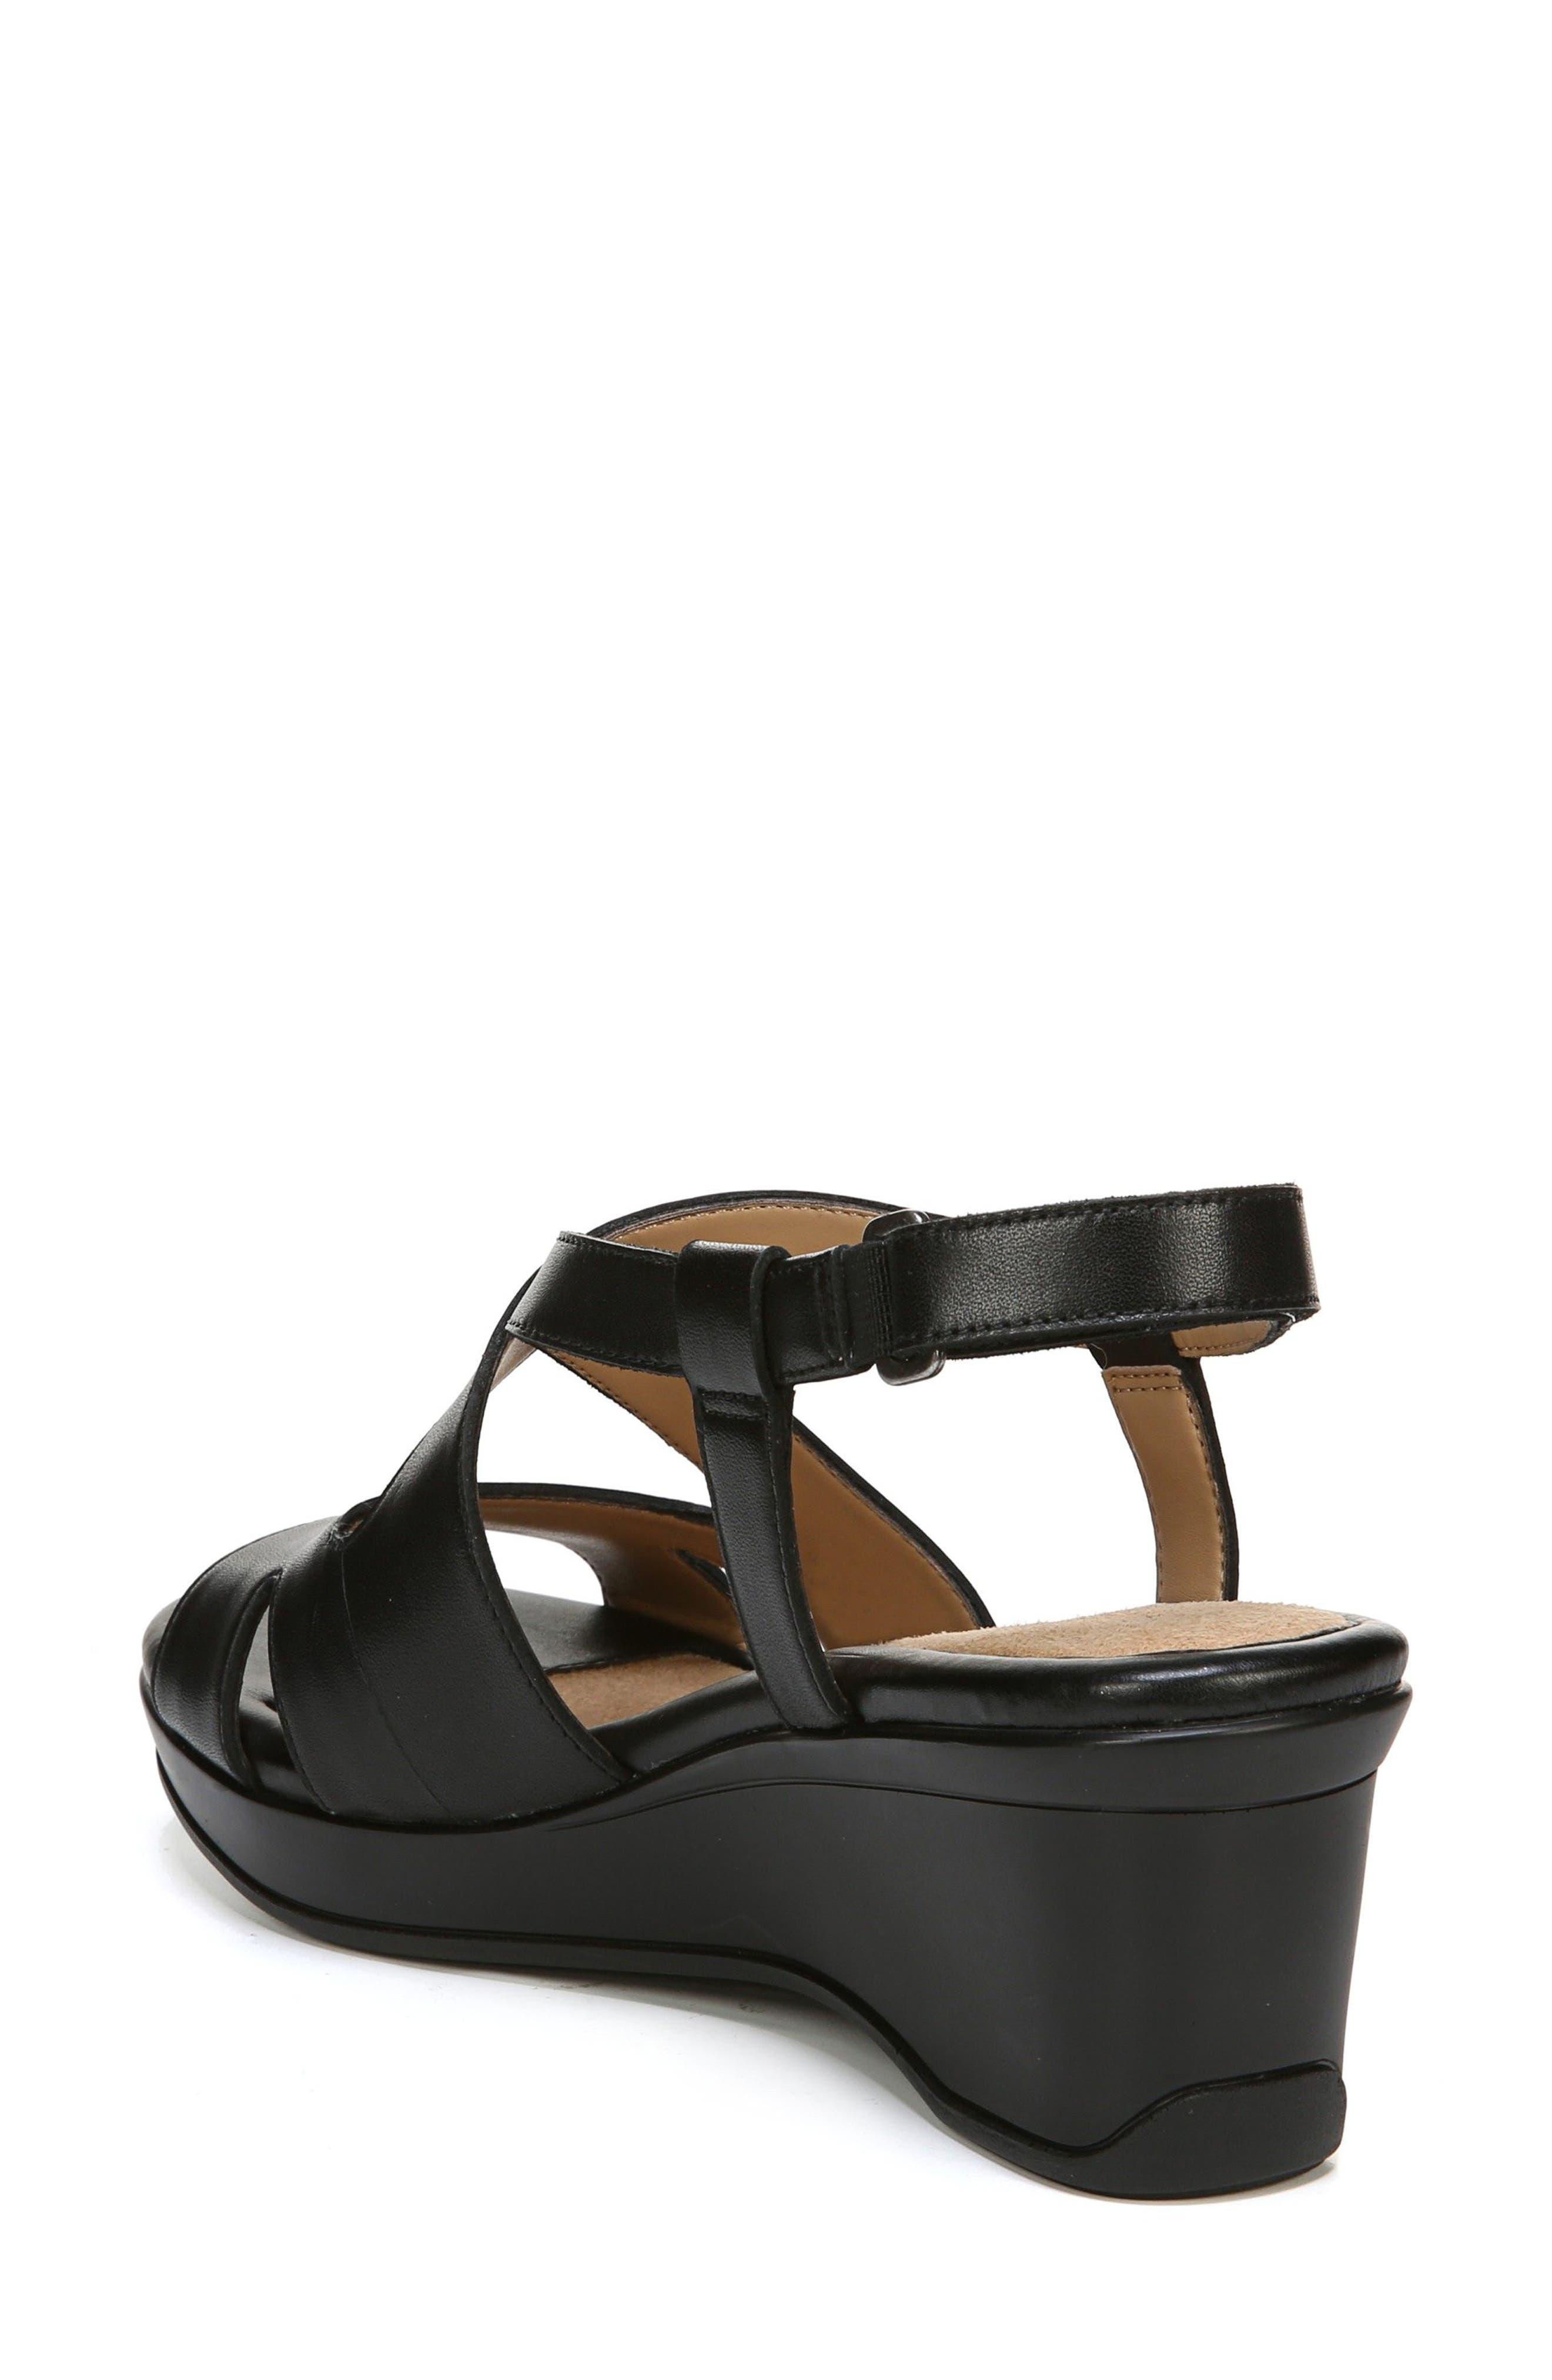 Alternate Image 2  - Naturalizer Vilette Wedge Sandal (Women)